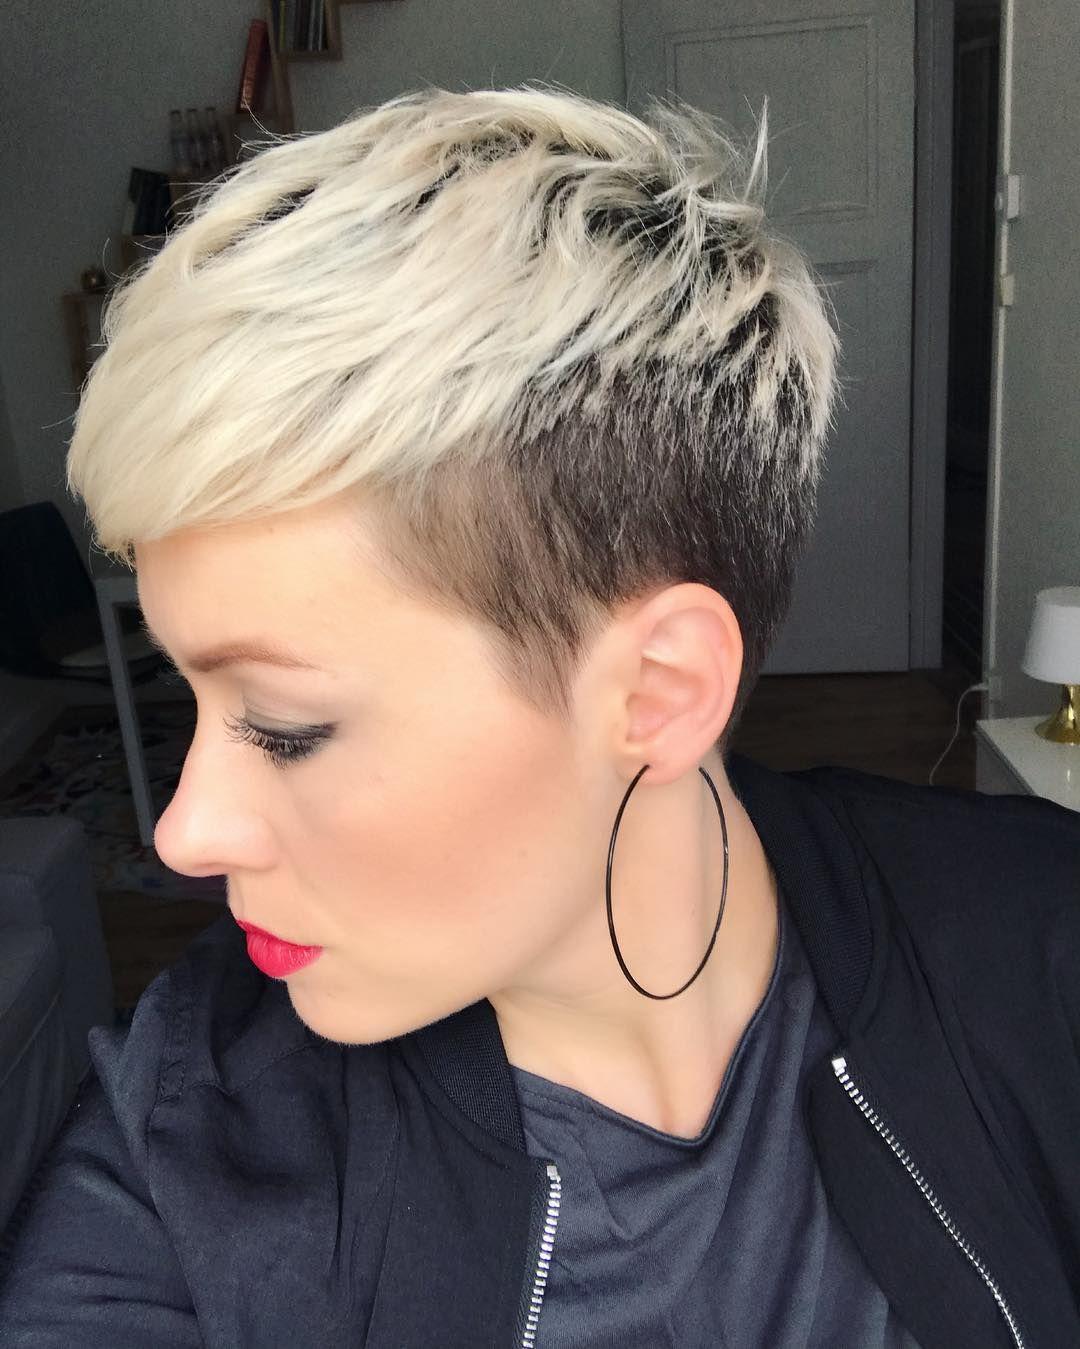 Pixiehaircut Instagram Photos And Videos Pixie Haircut